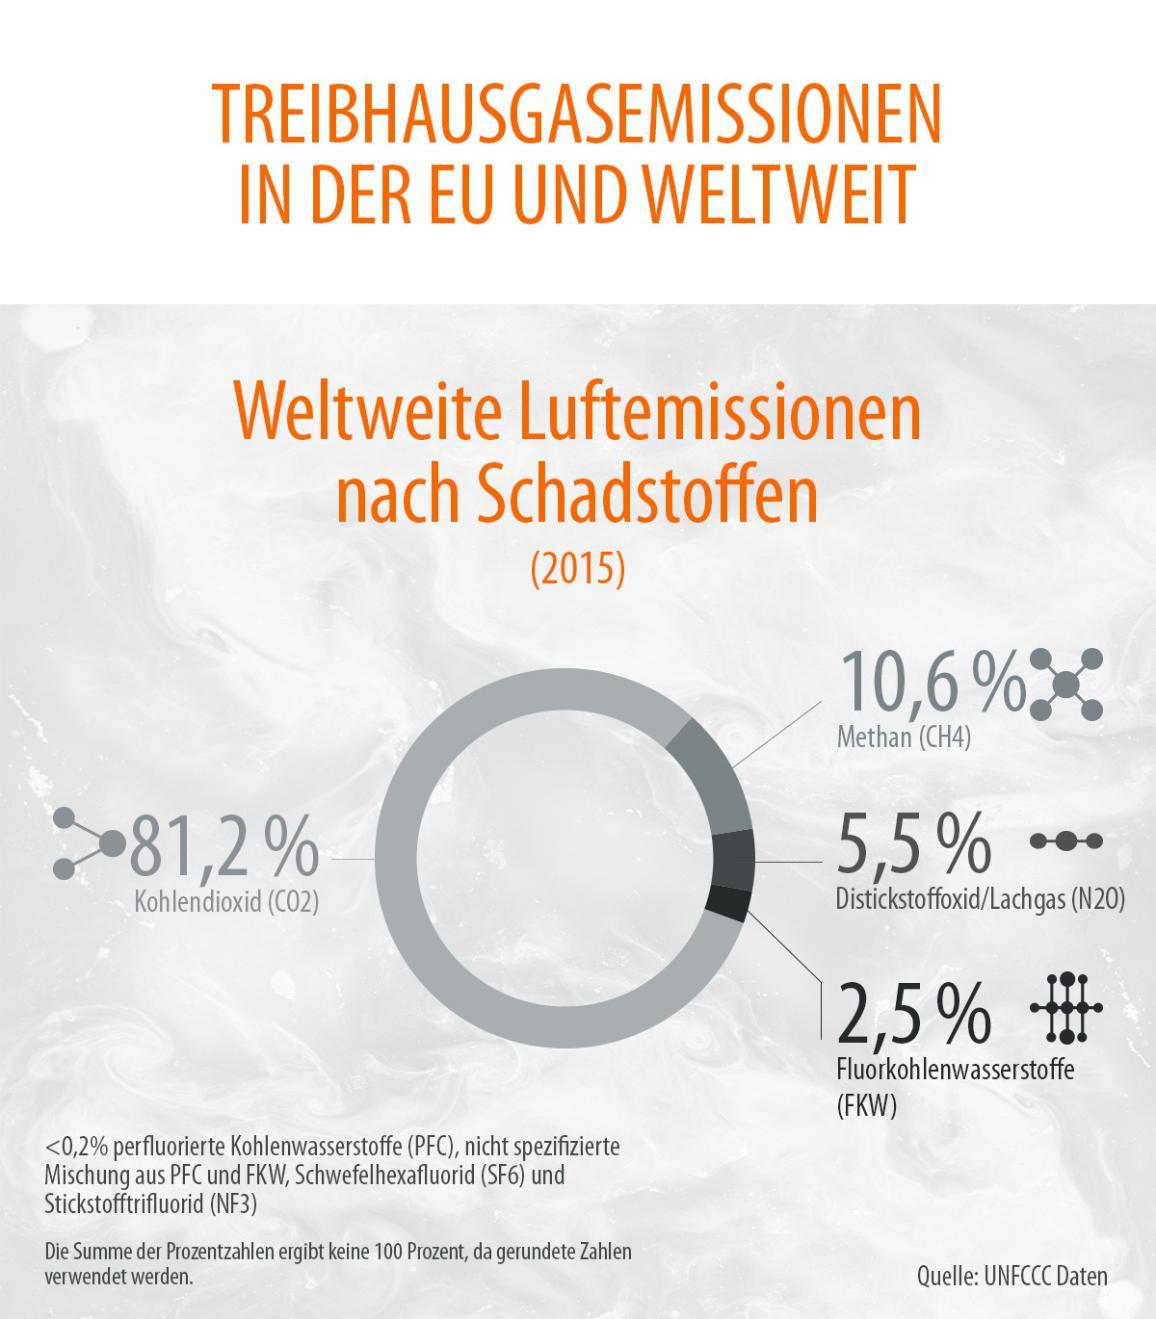 Das Diagramm zeigt für 2015, dass der Anteil des Treibhausgases Kohlenstoffdioxid gegenüber anderen Treibhausgasen wie Methan oder Lachgas mit 81,2 Prozent weltweit am höchsten ist.